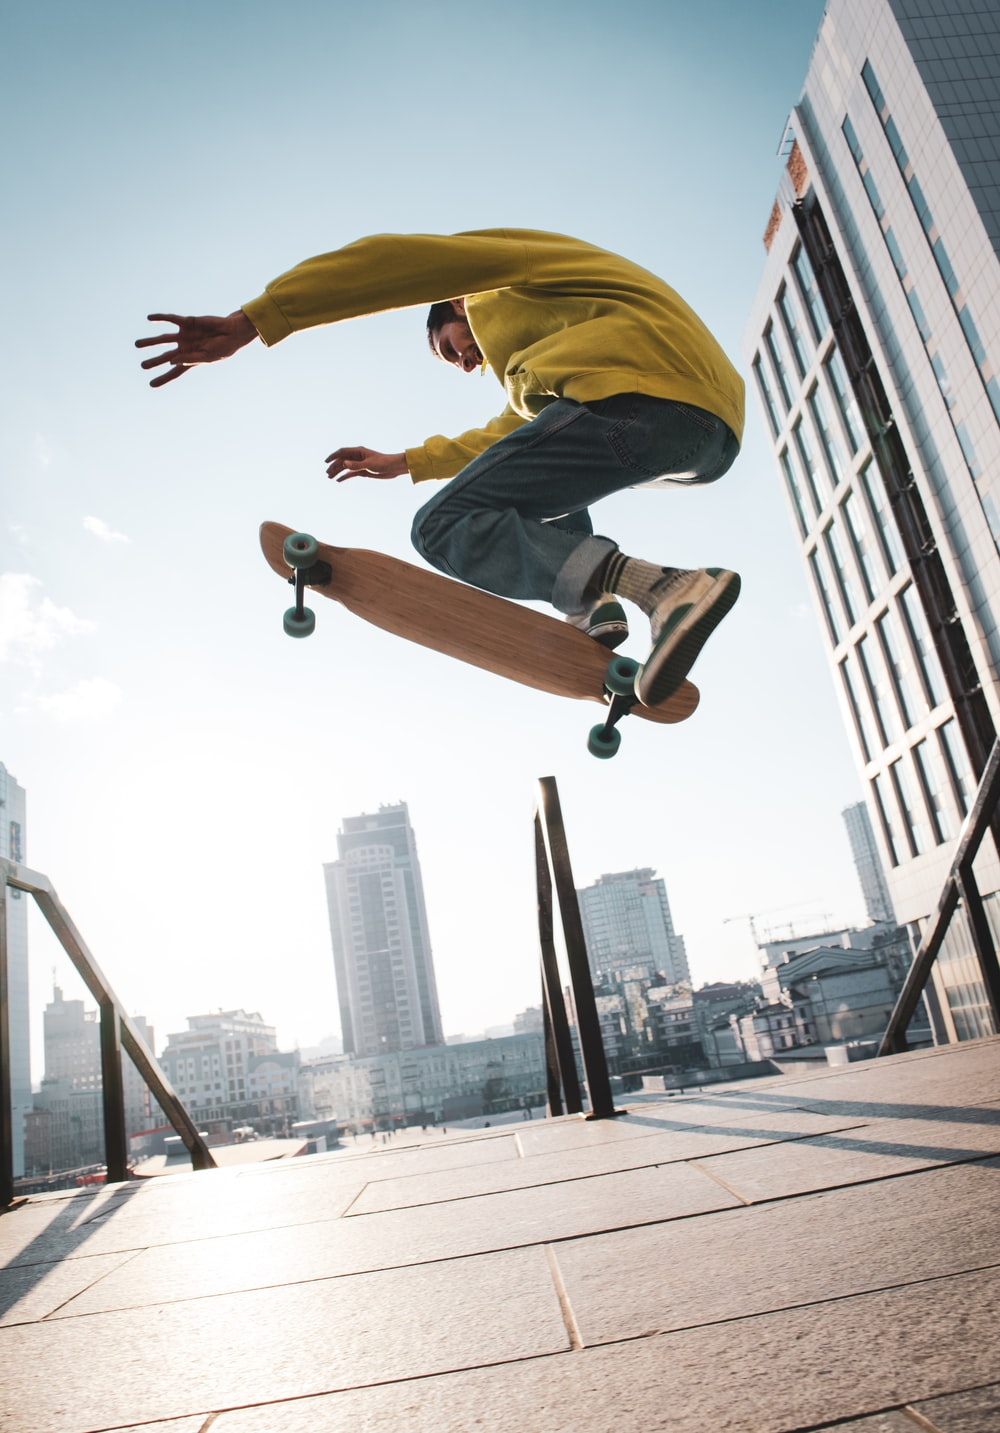 skateboarder doing stunts